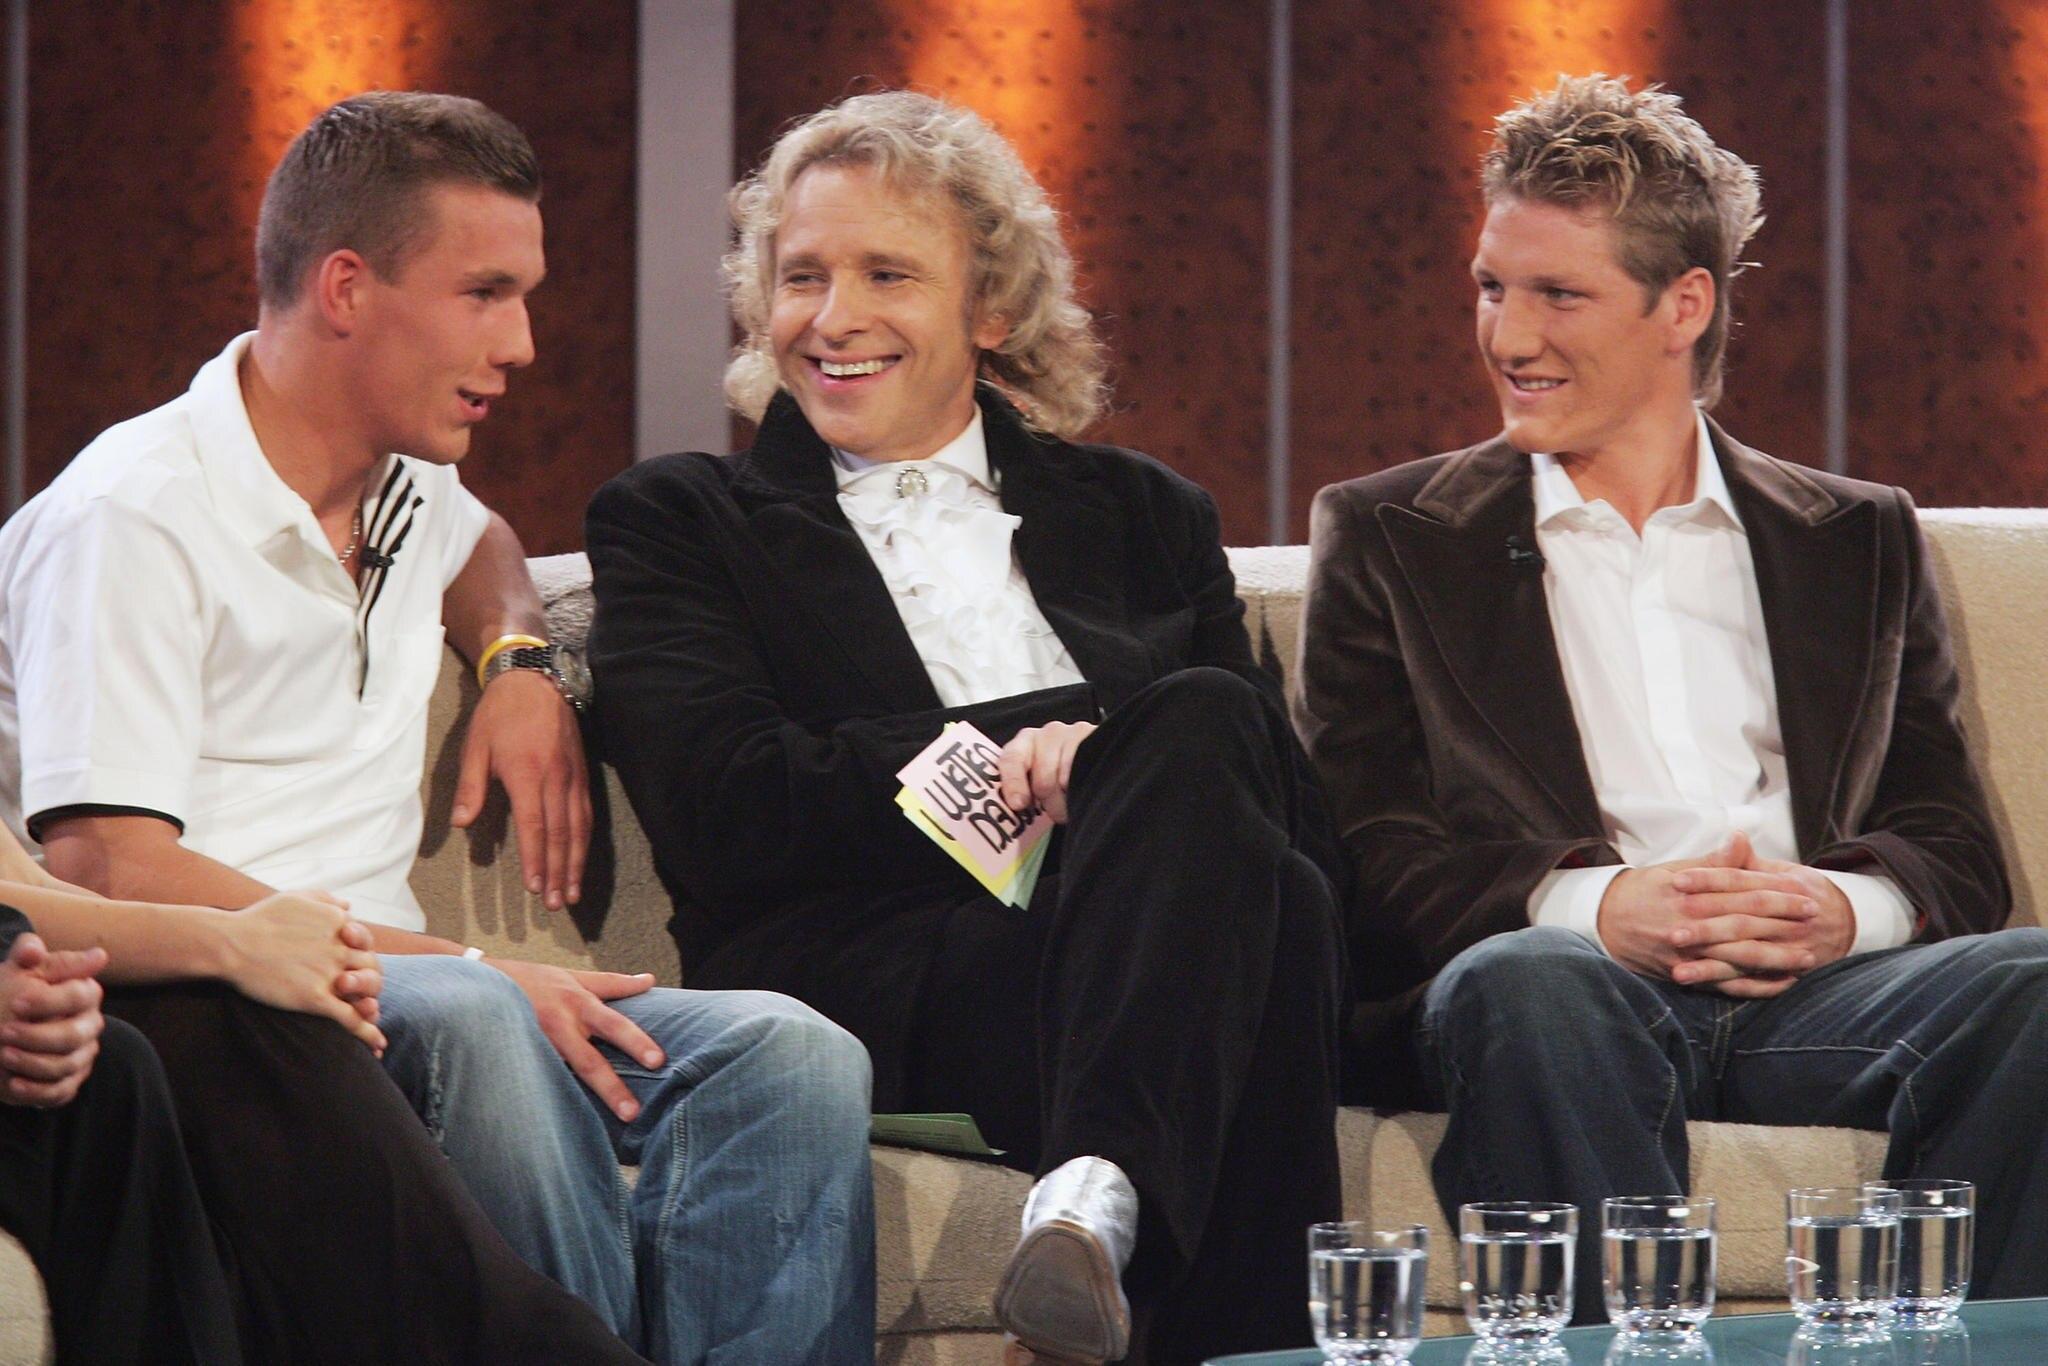 """Lukas Podolski (l.) und Bastian Schweinsteiger (r.) unterhielten die Zuschauer nicht nur mit sportlichen Top-Leistungen, sondern auch mit viel Humor und guter Laune abseits des Fußballfeldes. Hier im Oktober 2005 auf der Couch des damaligen """"Wetten, dass...""""-Moderators Thomas Gottschalk"""